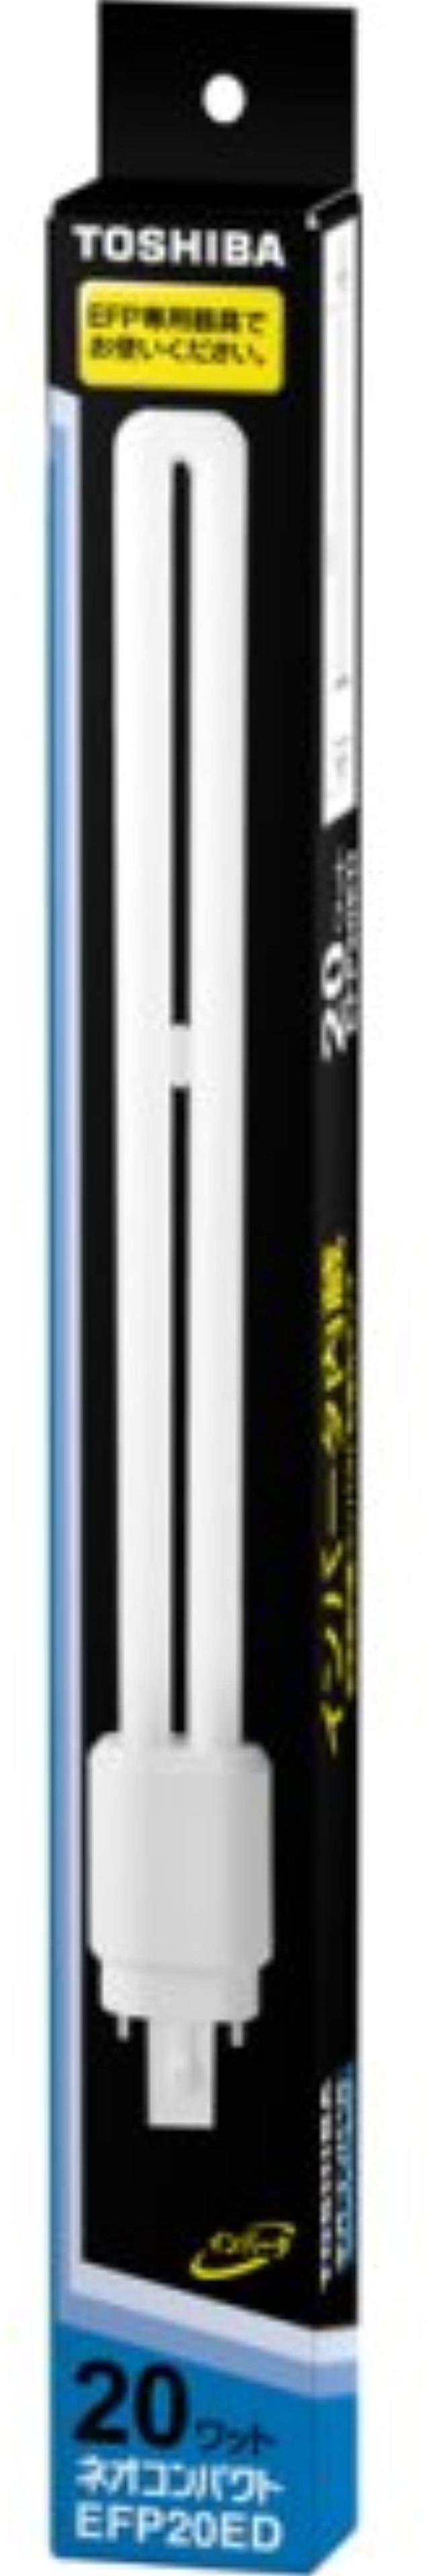 コンパクト蛍光ランプ ネオコンパクト 20Wタイプ 昼光色[EFP20ED]